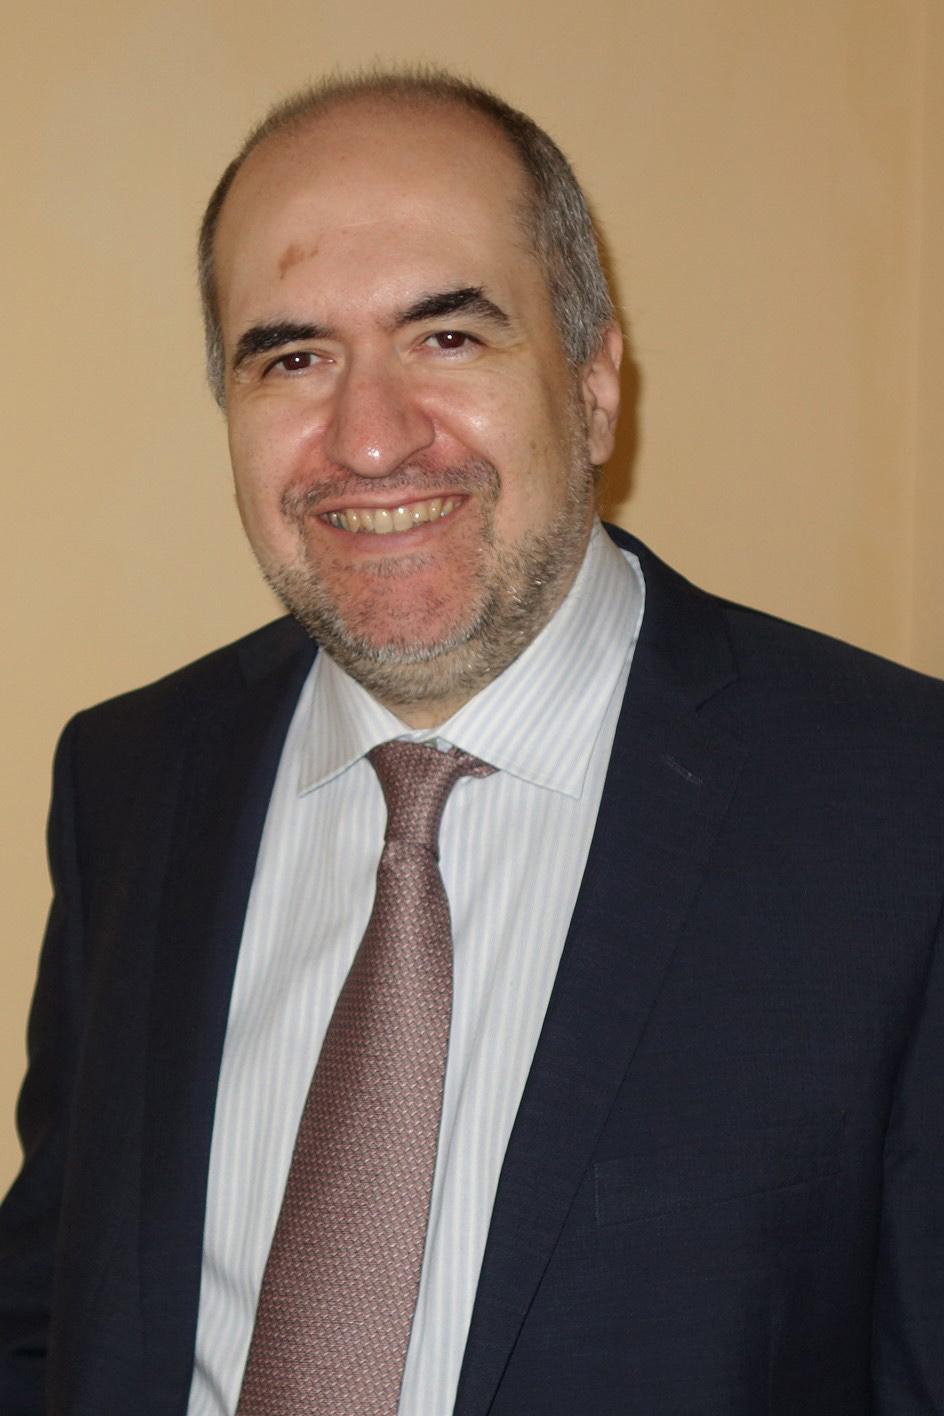 Fabio Ghironi